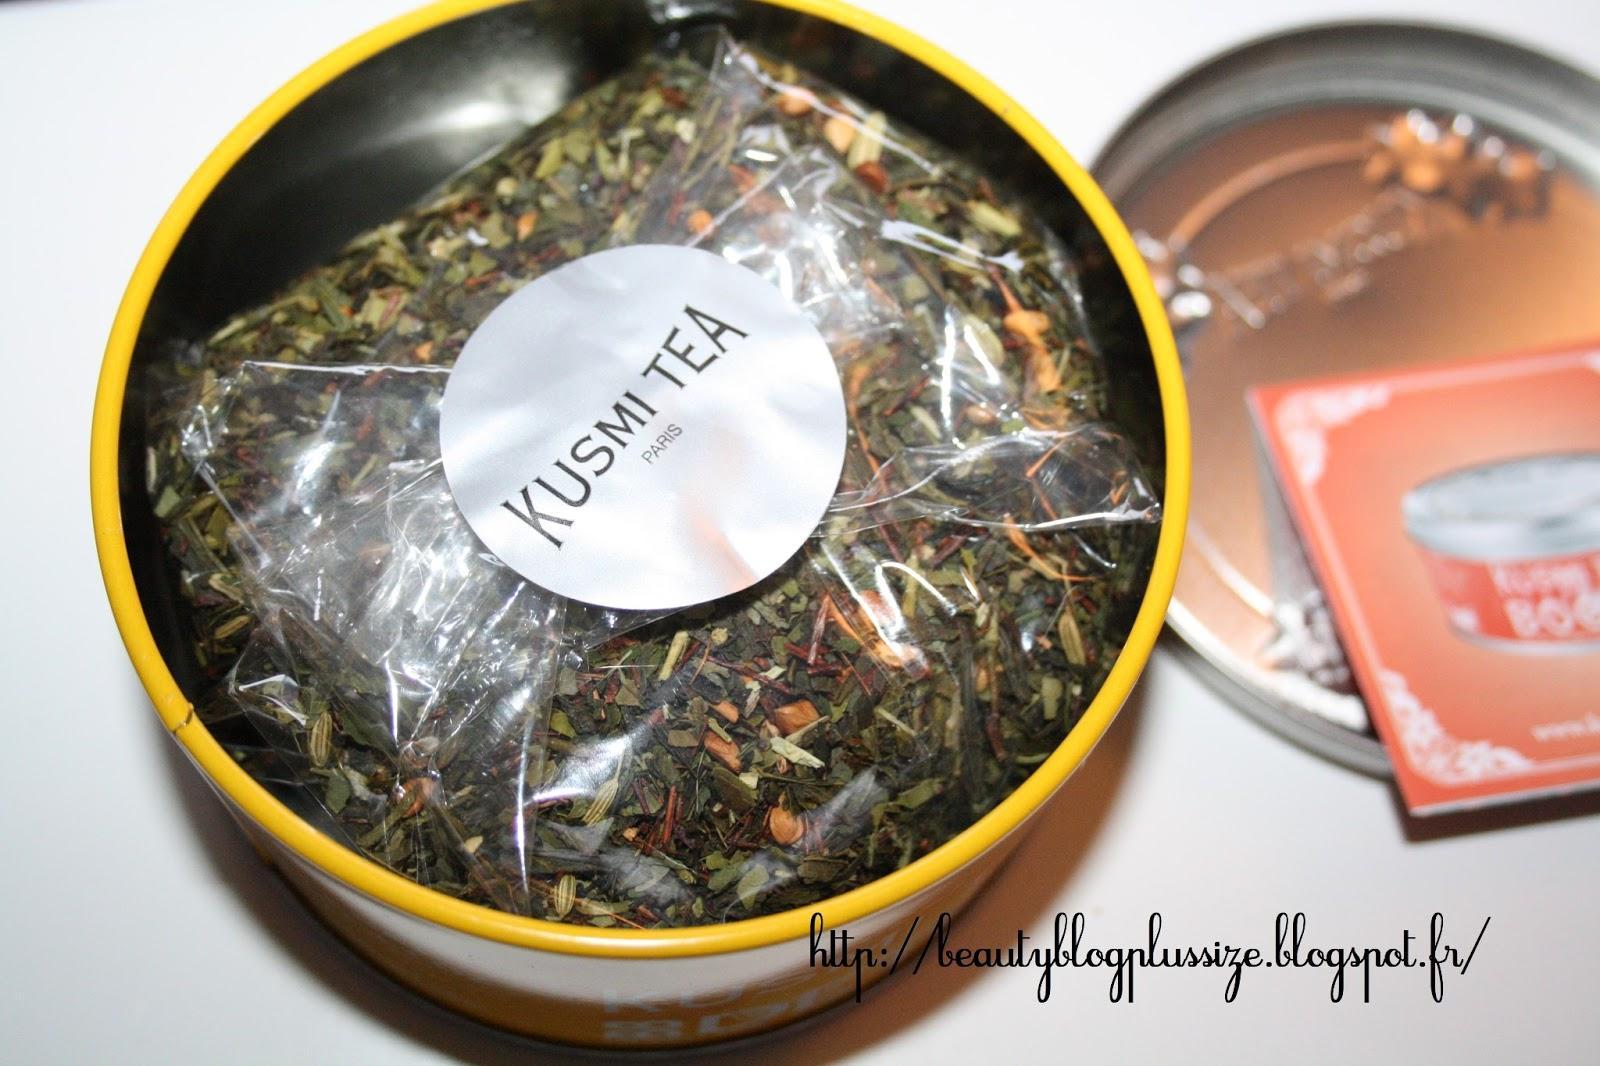 beauty blog plus size bb detox de kusmi tea le meilleur th que j 39 ai gout. Black Bedroom Furniture Sets. Home Design Ideas